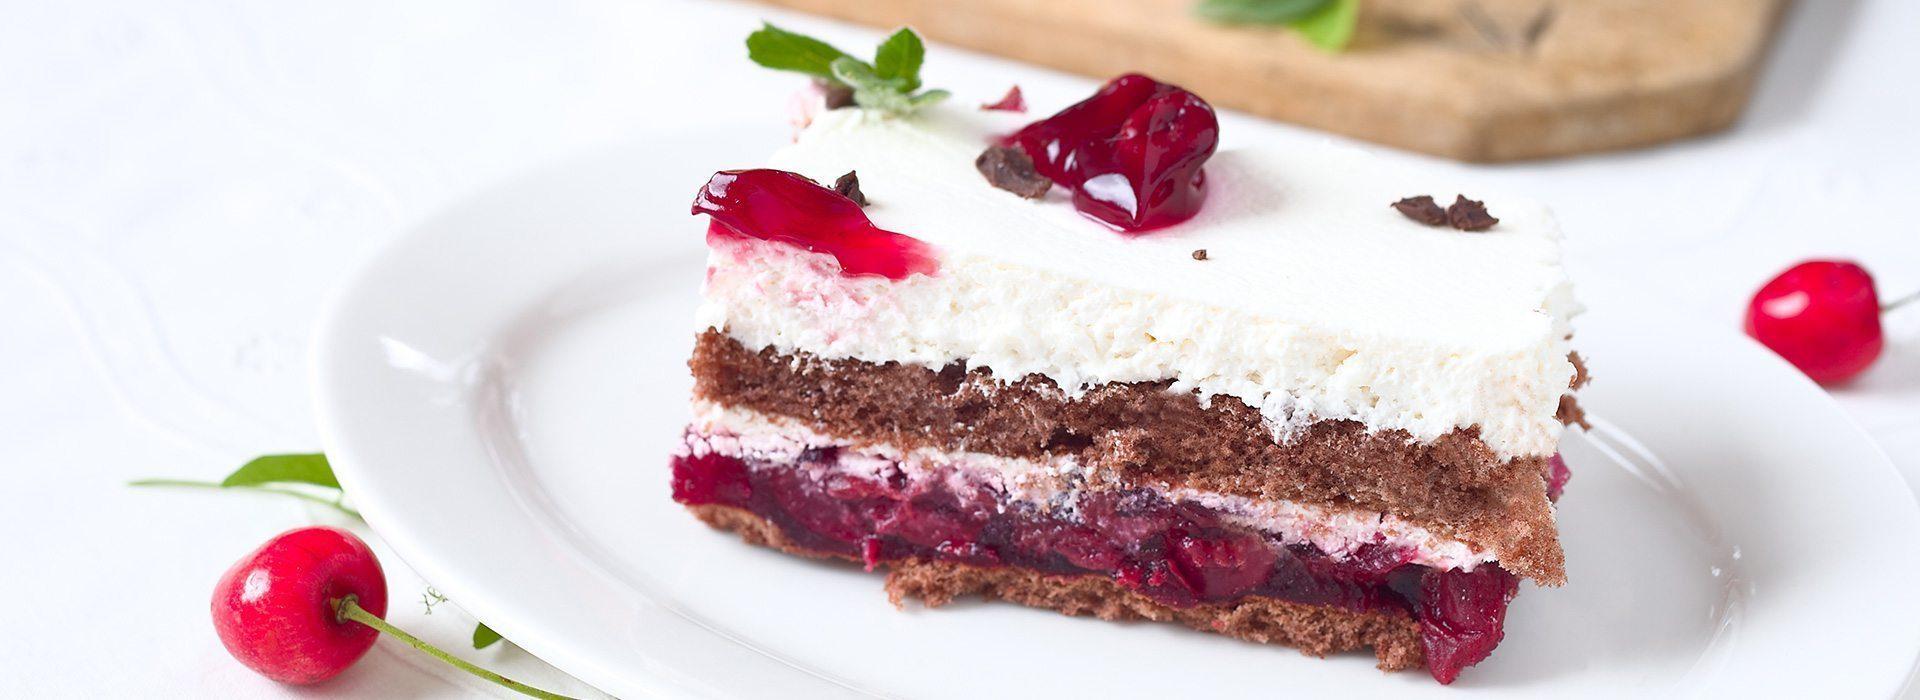 Gâteau forêt noire minute - Recette Berthelet